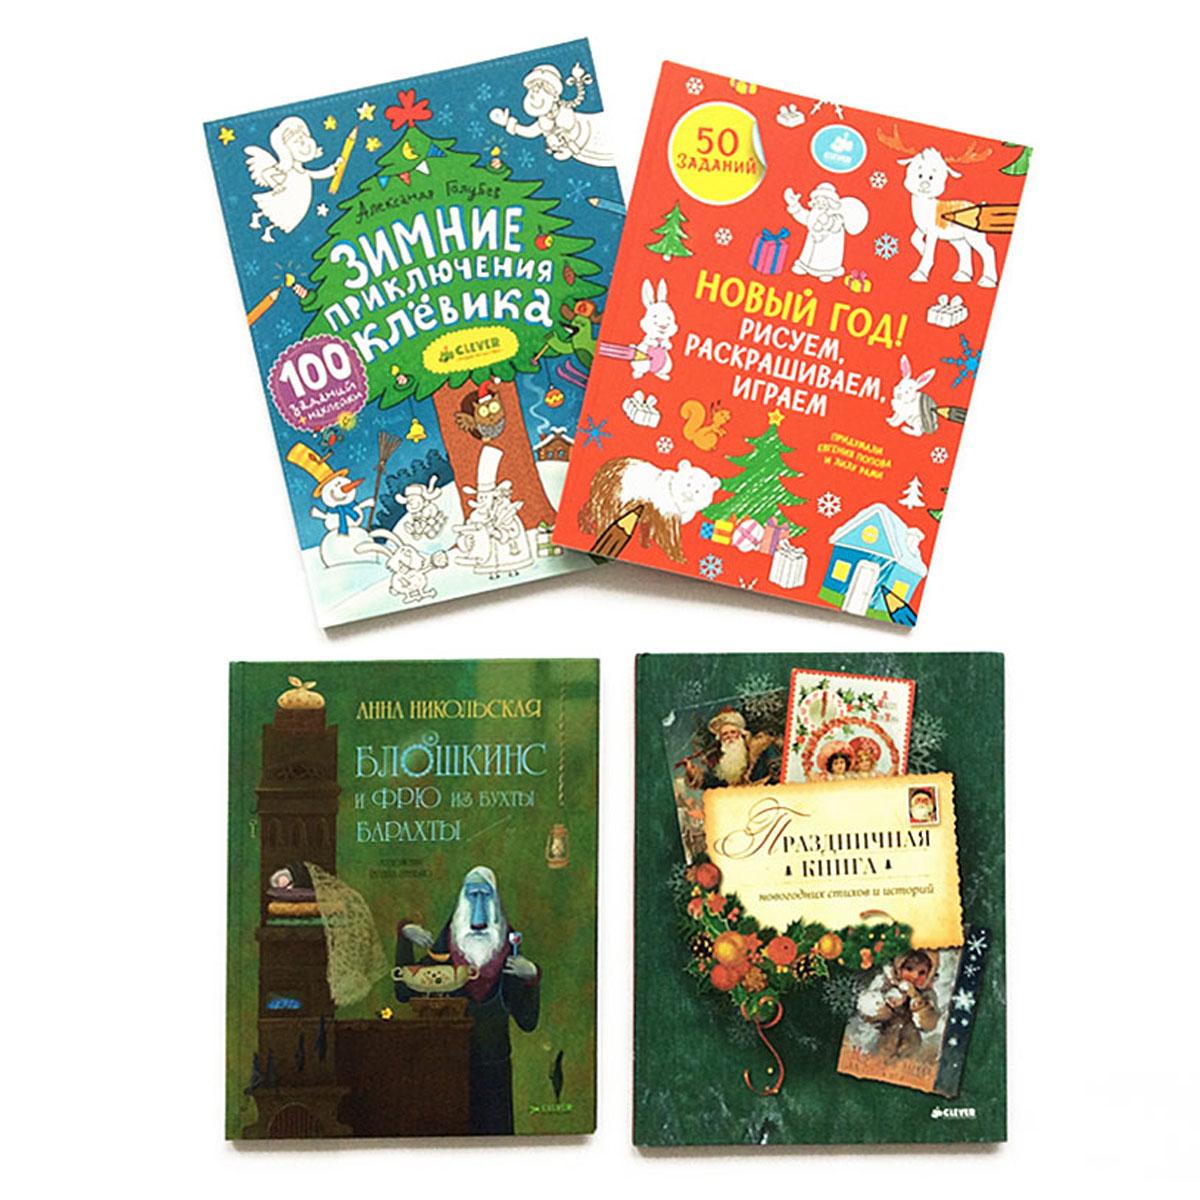 С Новым годом! Новогодний подарок для девочки (комплект из 4 книг)